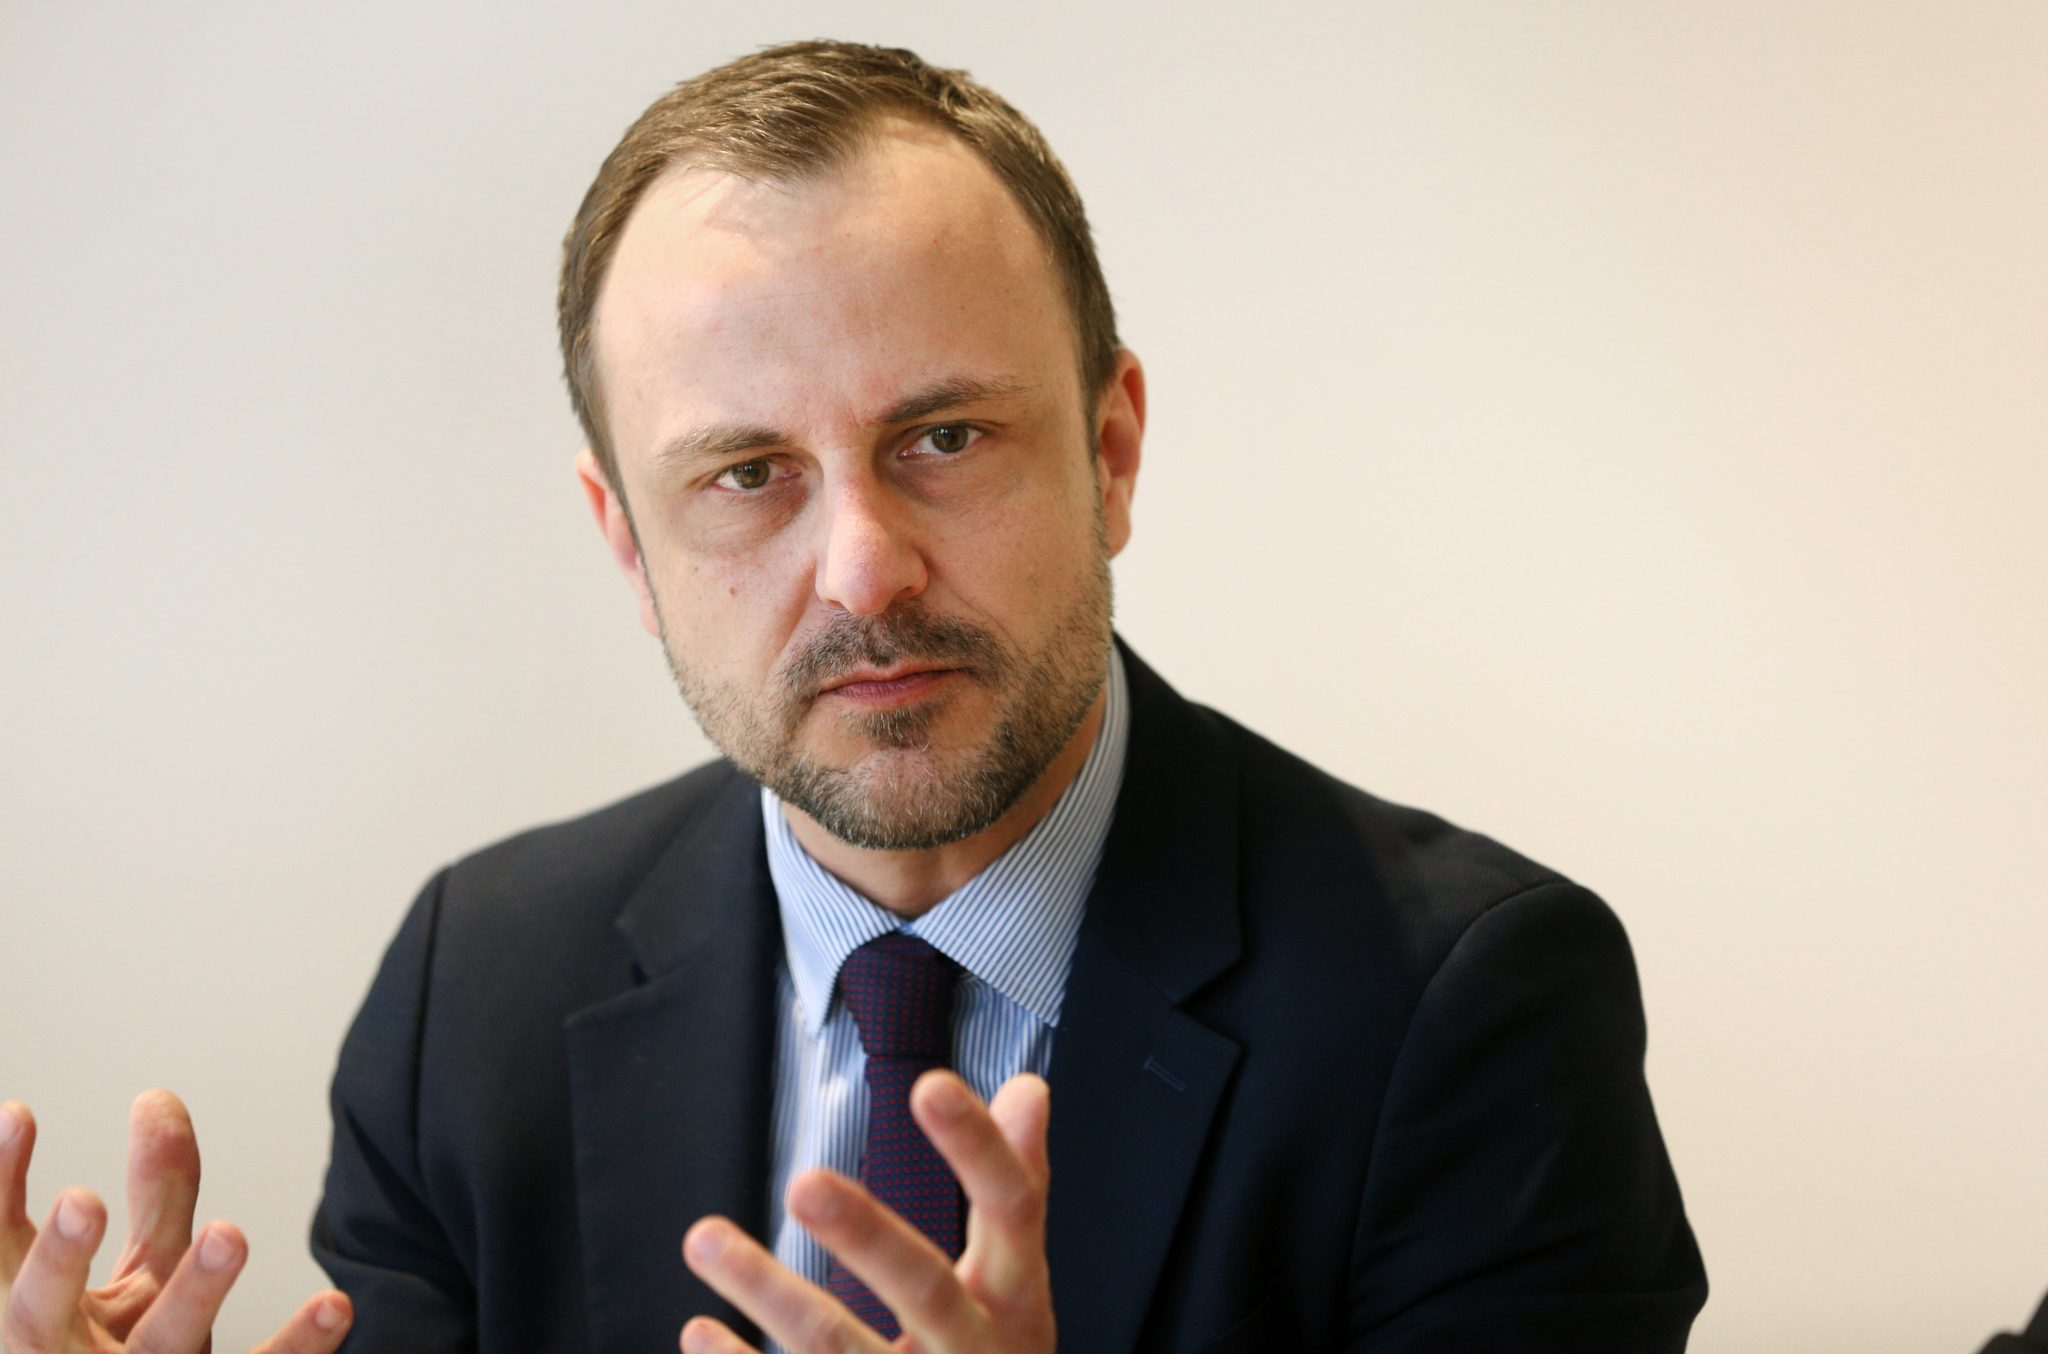 Peter R. Neumann